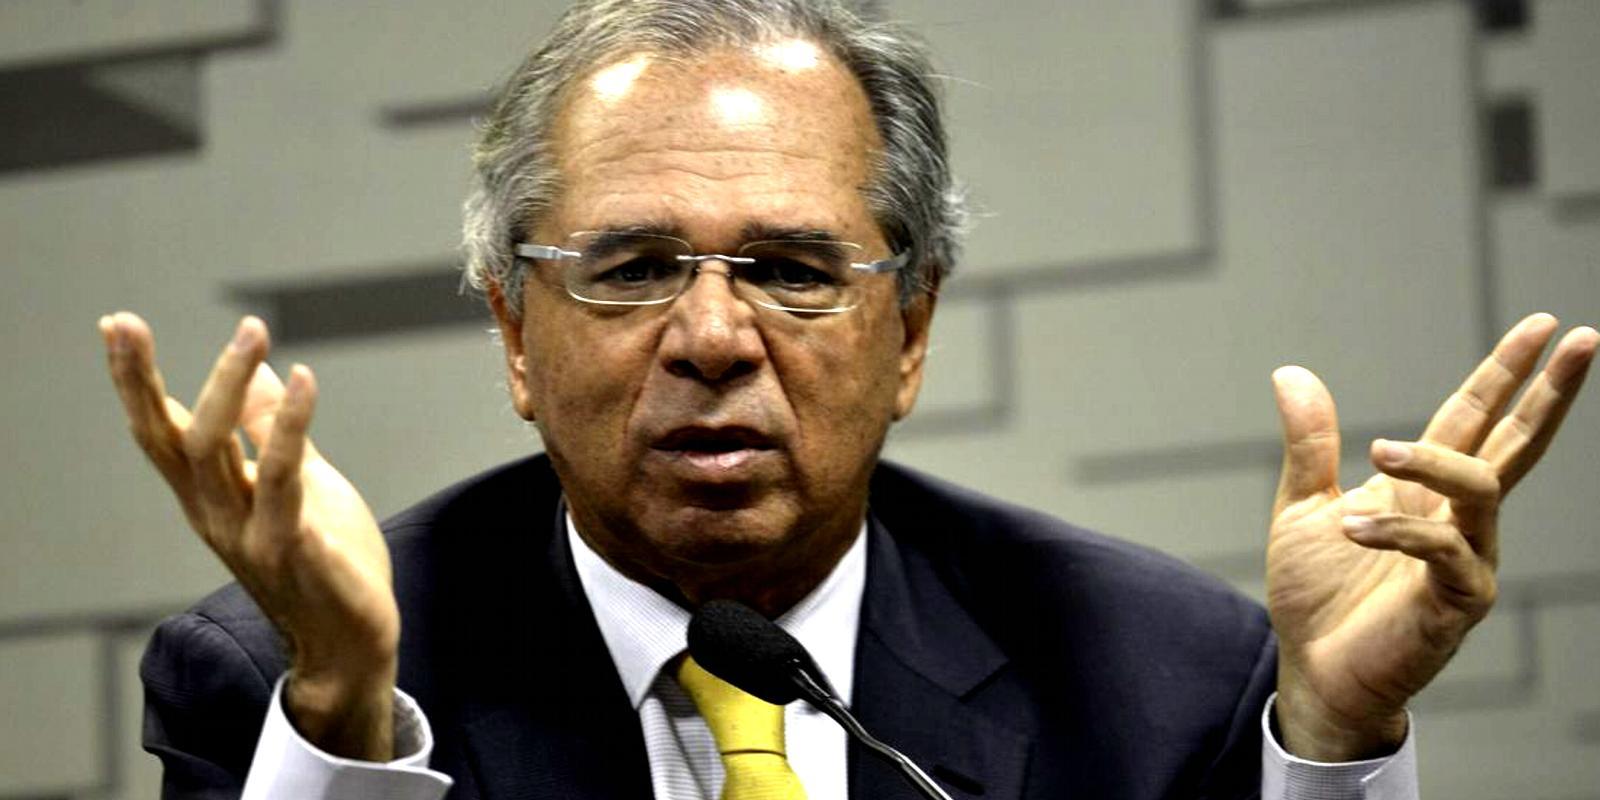 Servidores públicos tem culpa pela roubalheira, diz Guedes